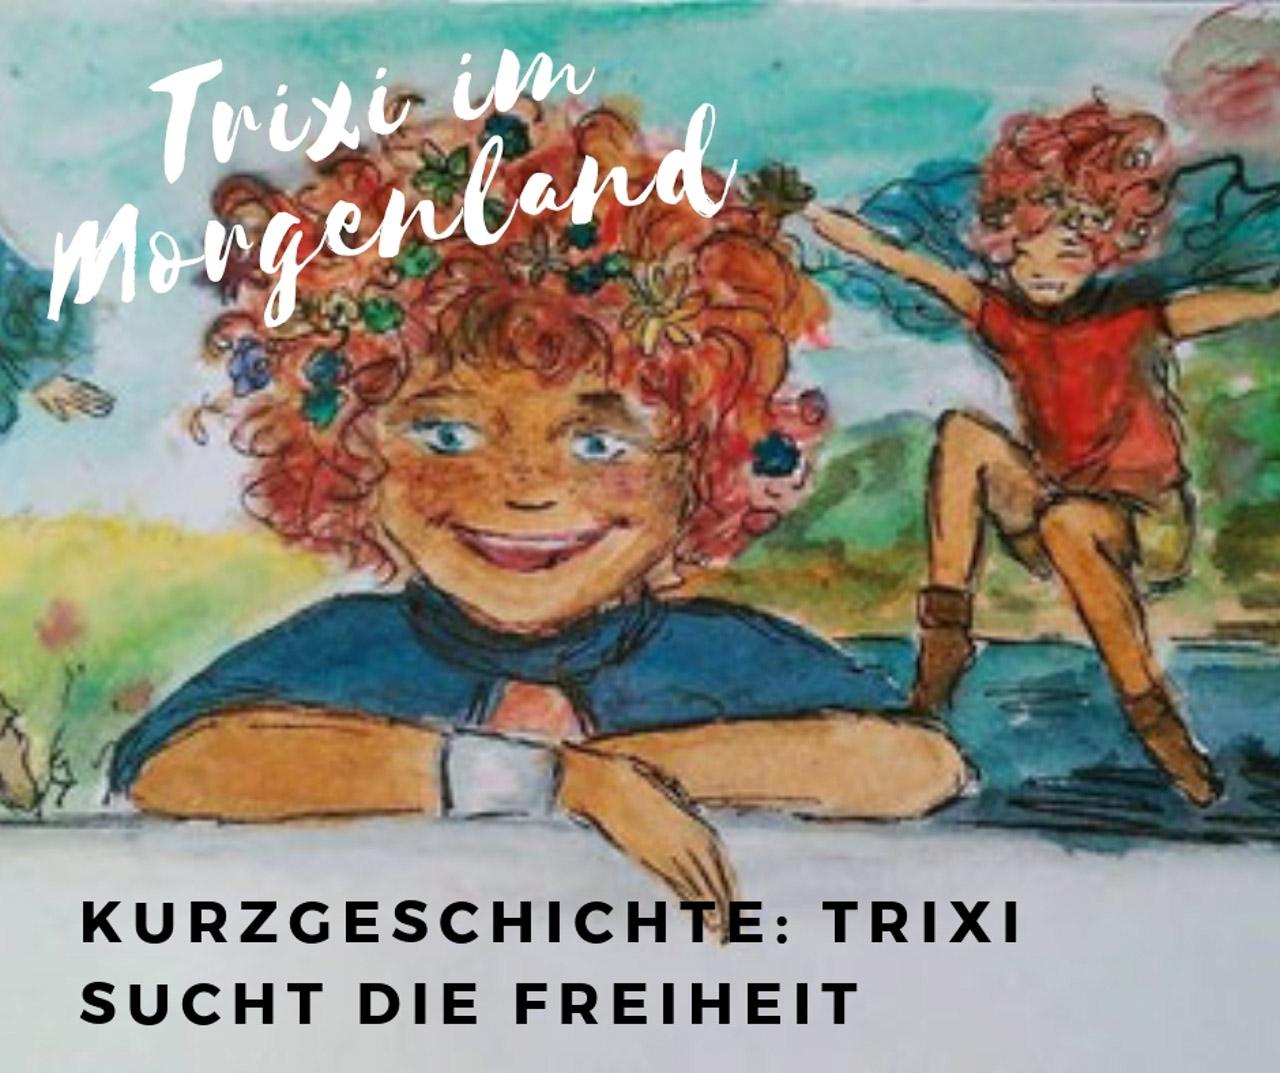 kurzgeschichte-trixi-sucht-die-freiheit-2